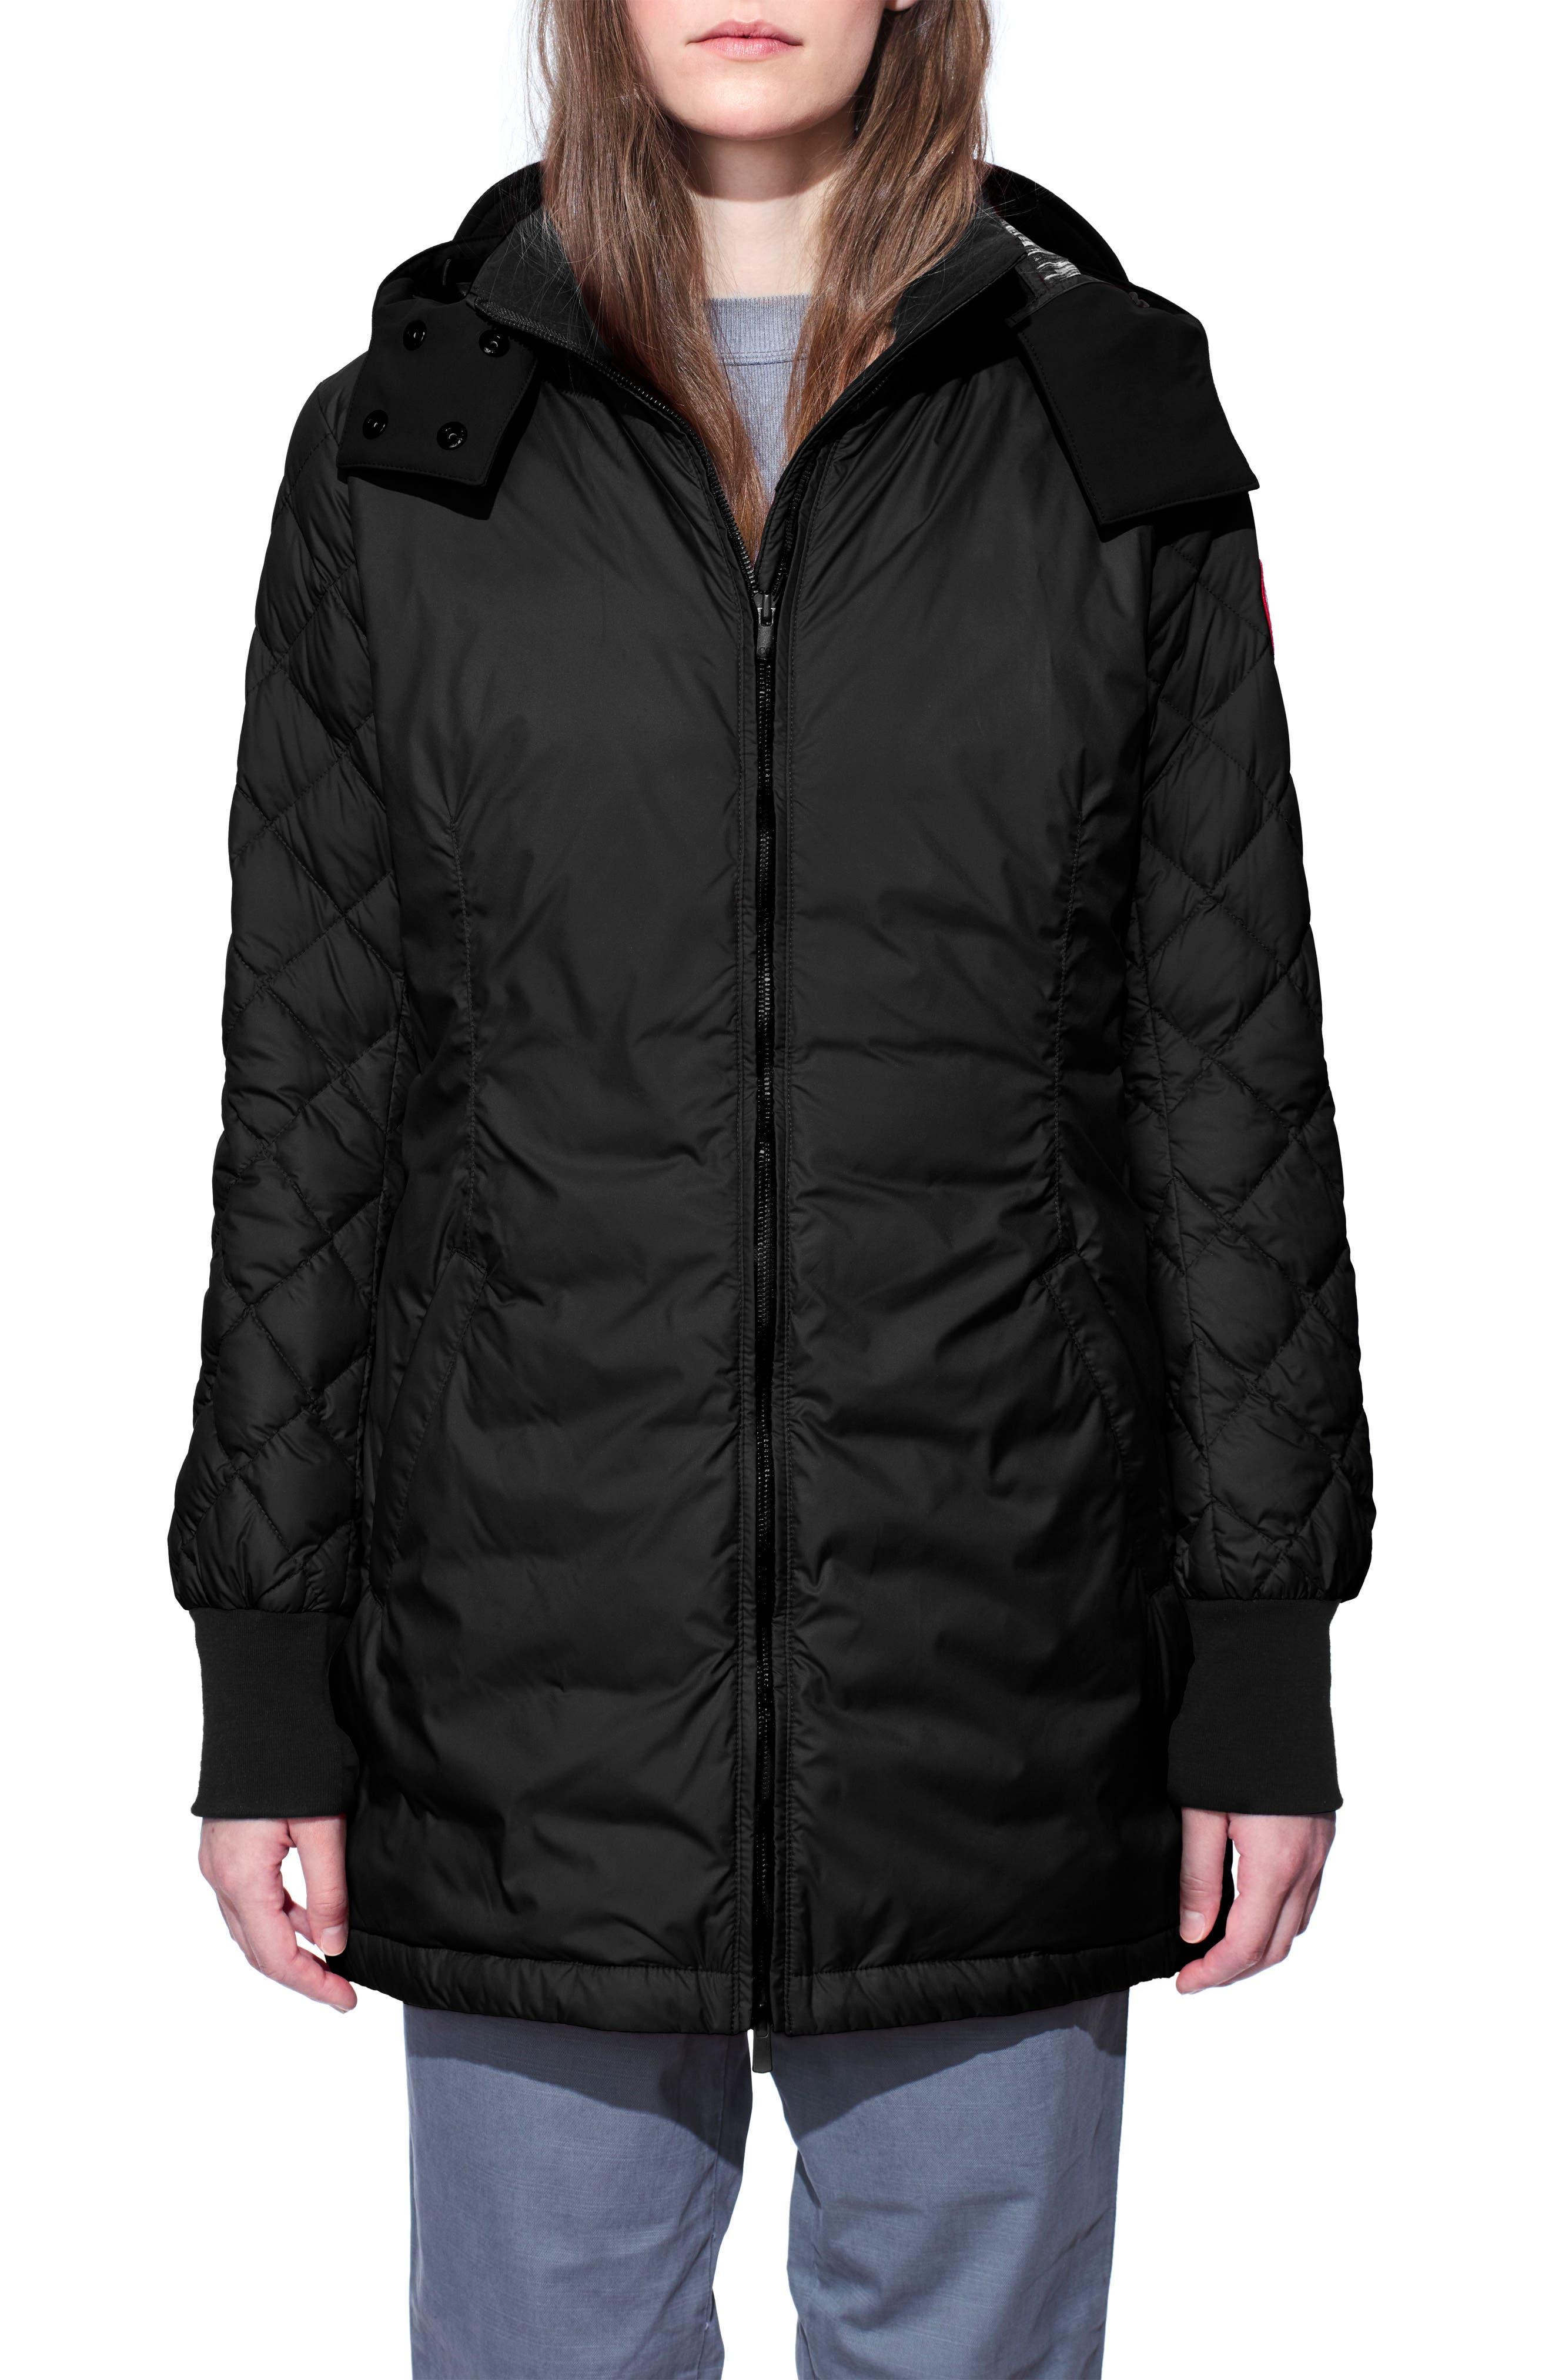 Stellarton Slim Fit Down Coat,                         Main,                         color, Black/ Black